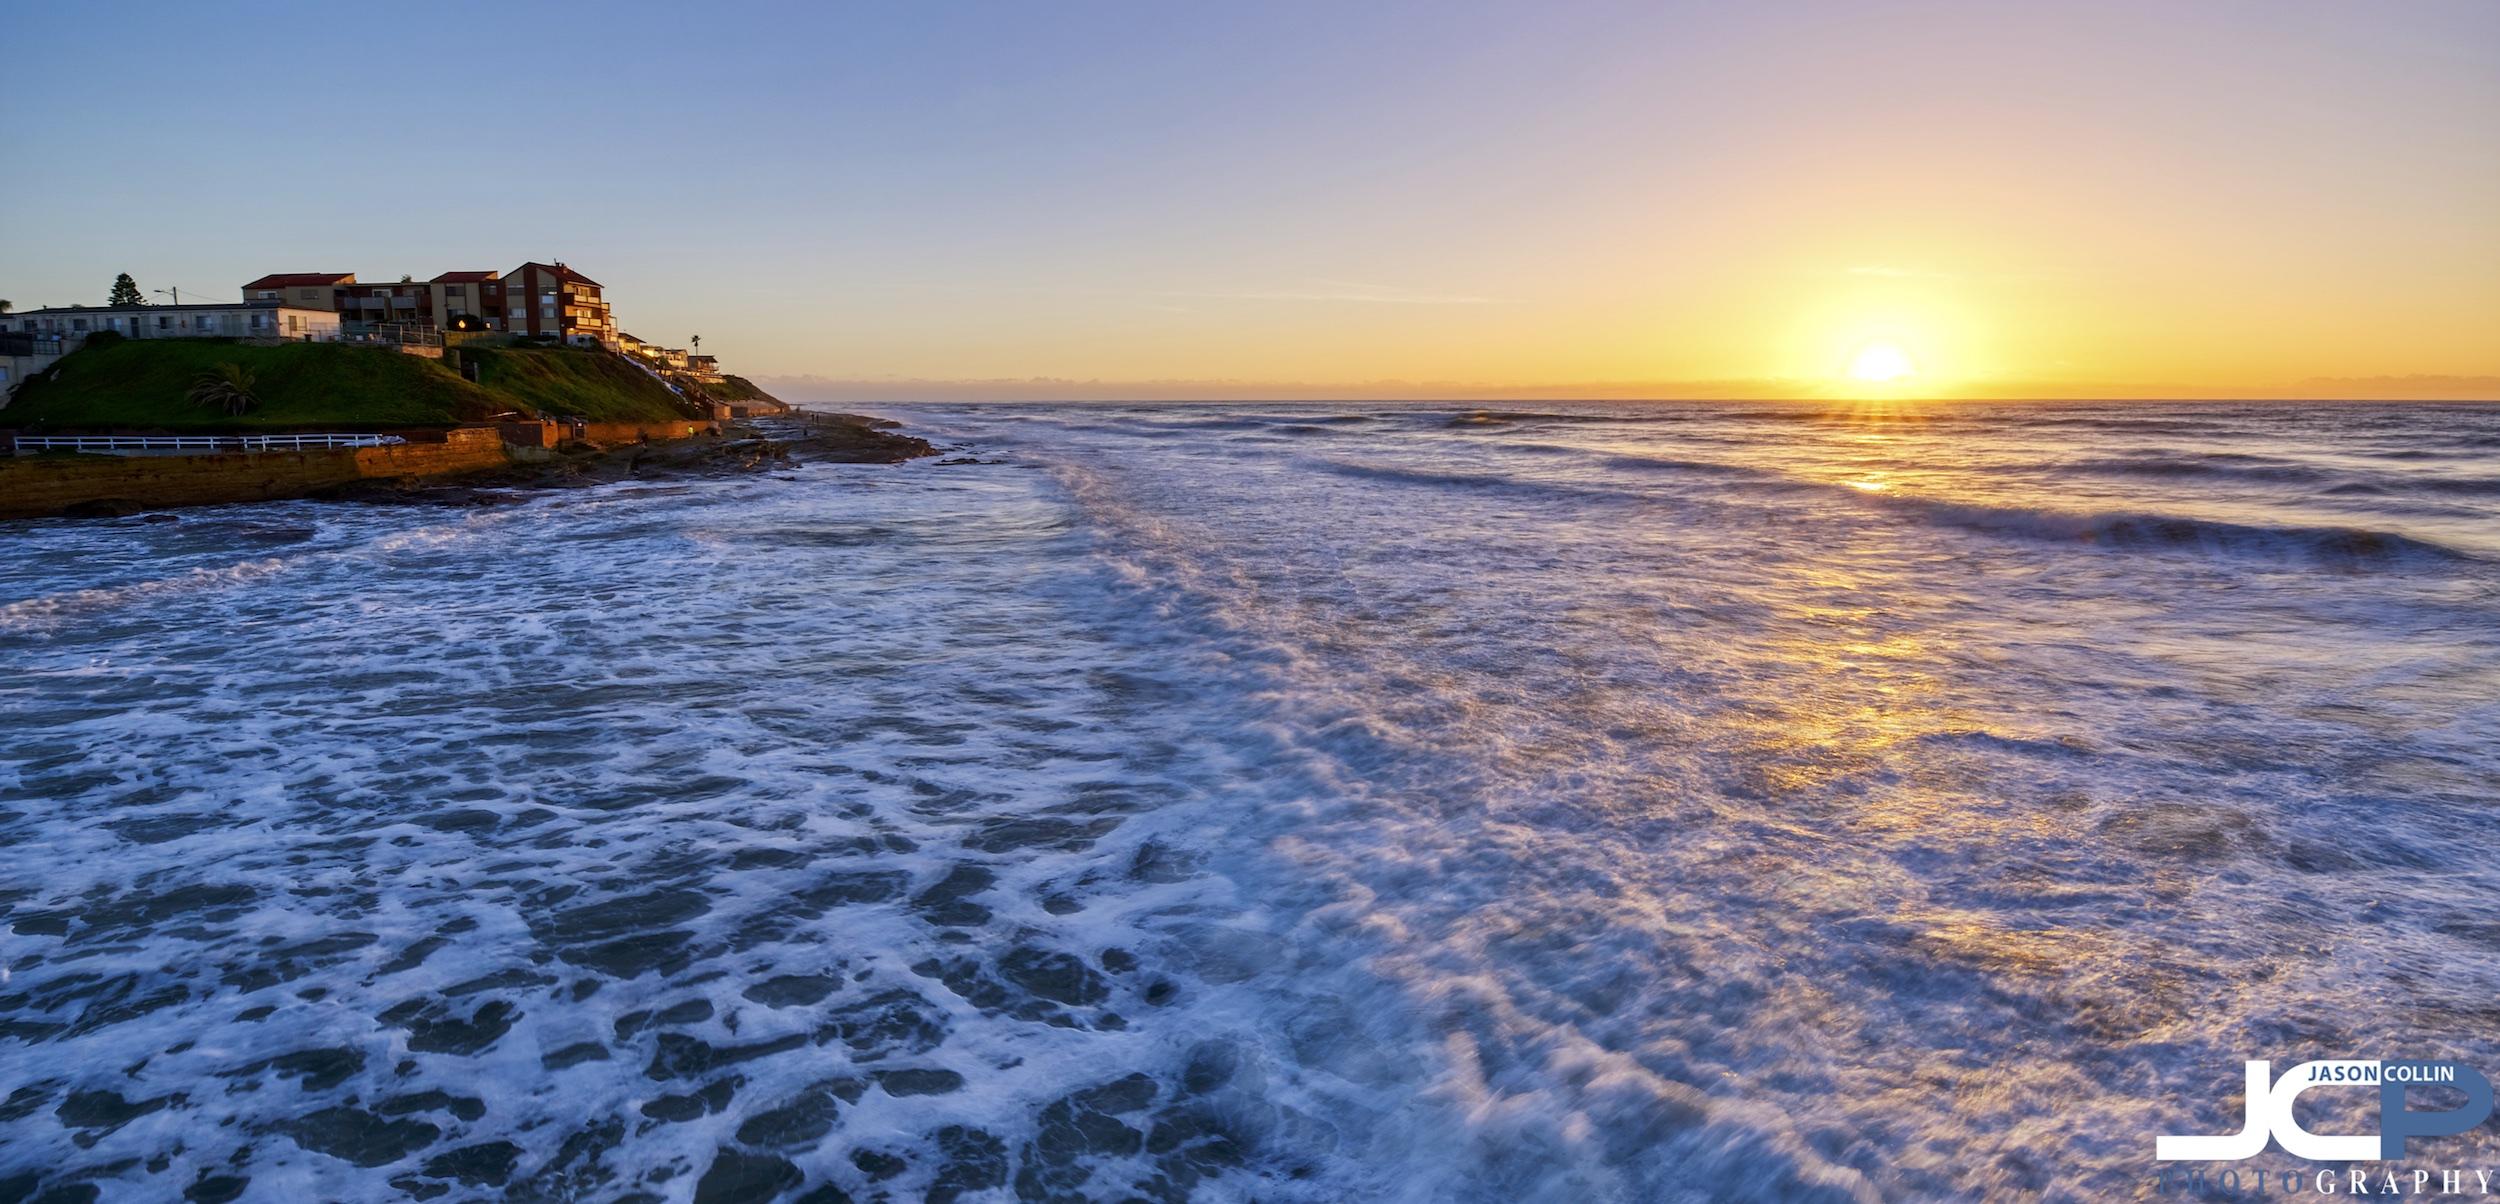 ocean-beach-12-27-2018-sd-115896.jpg